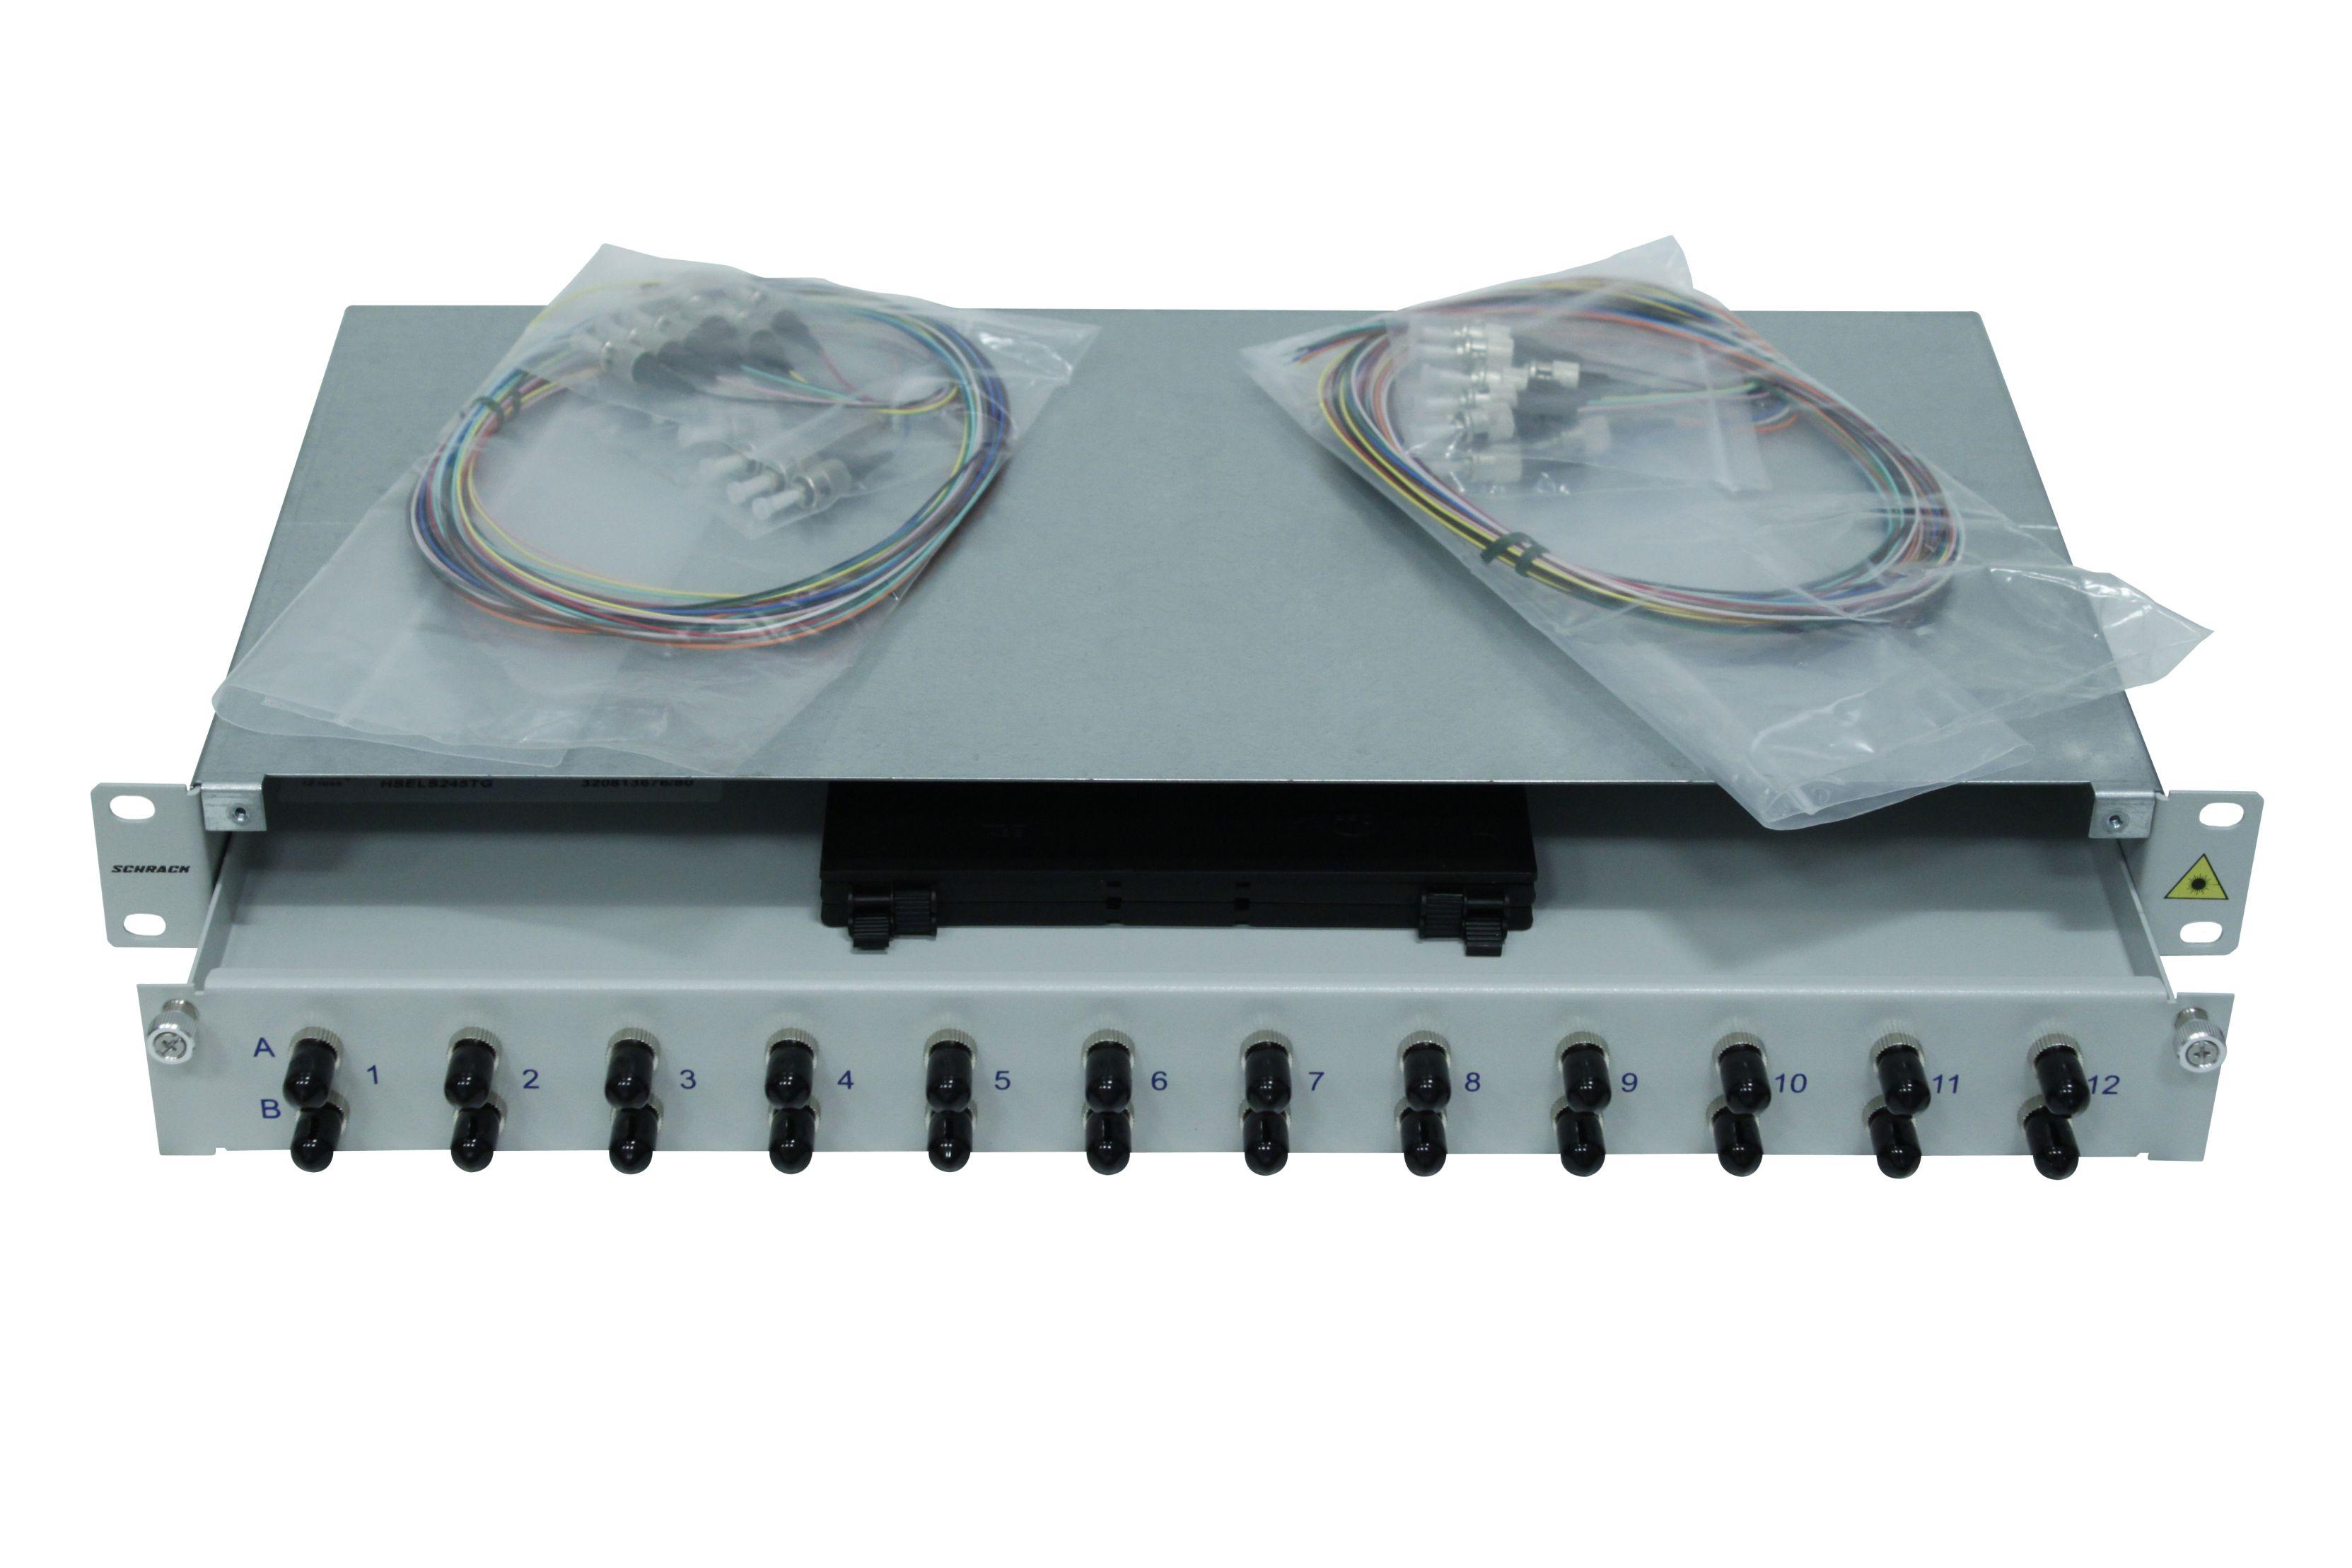 1 Stk LWL Spleißbox,24Fasern,ST,50/125µm OM2, ausziehbar,19,1HE HSELS245TG